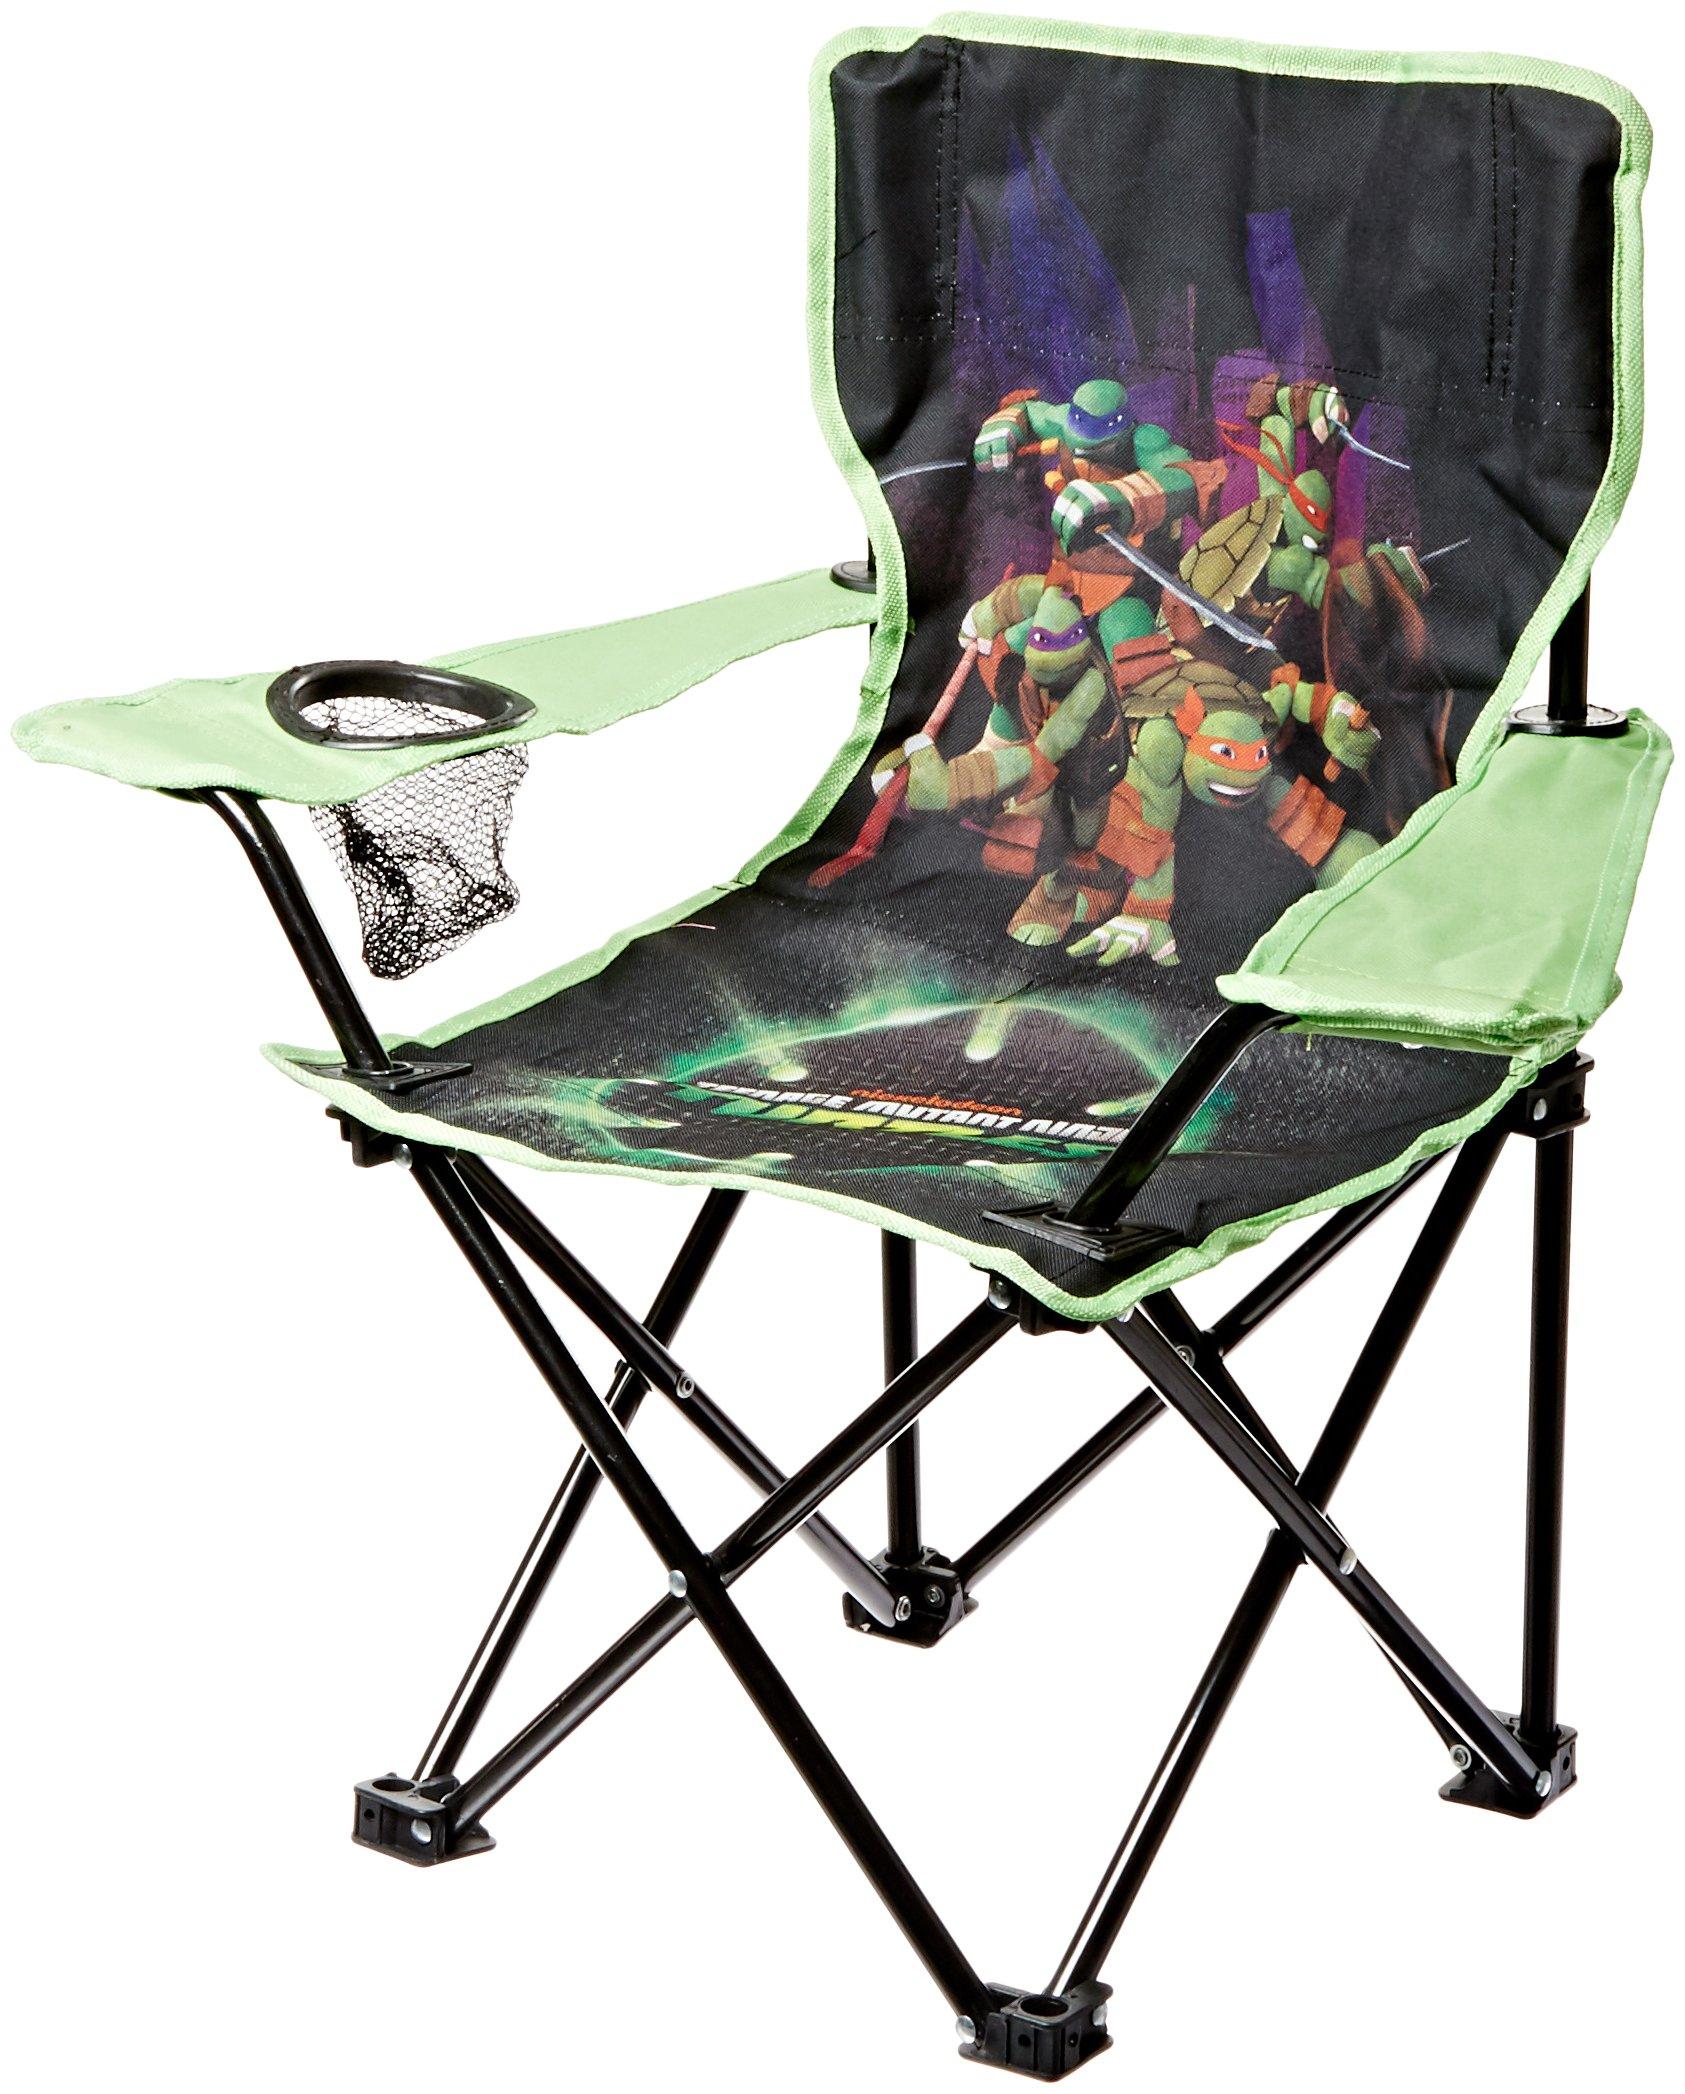 Nickelodeon Kids Teenage Mutant Ninja Turtles Camp Chair